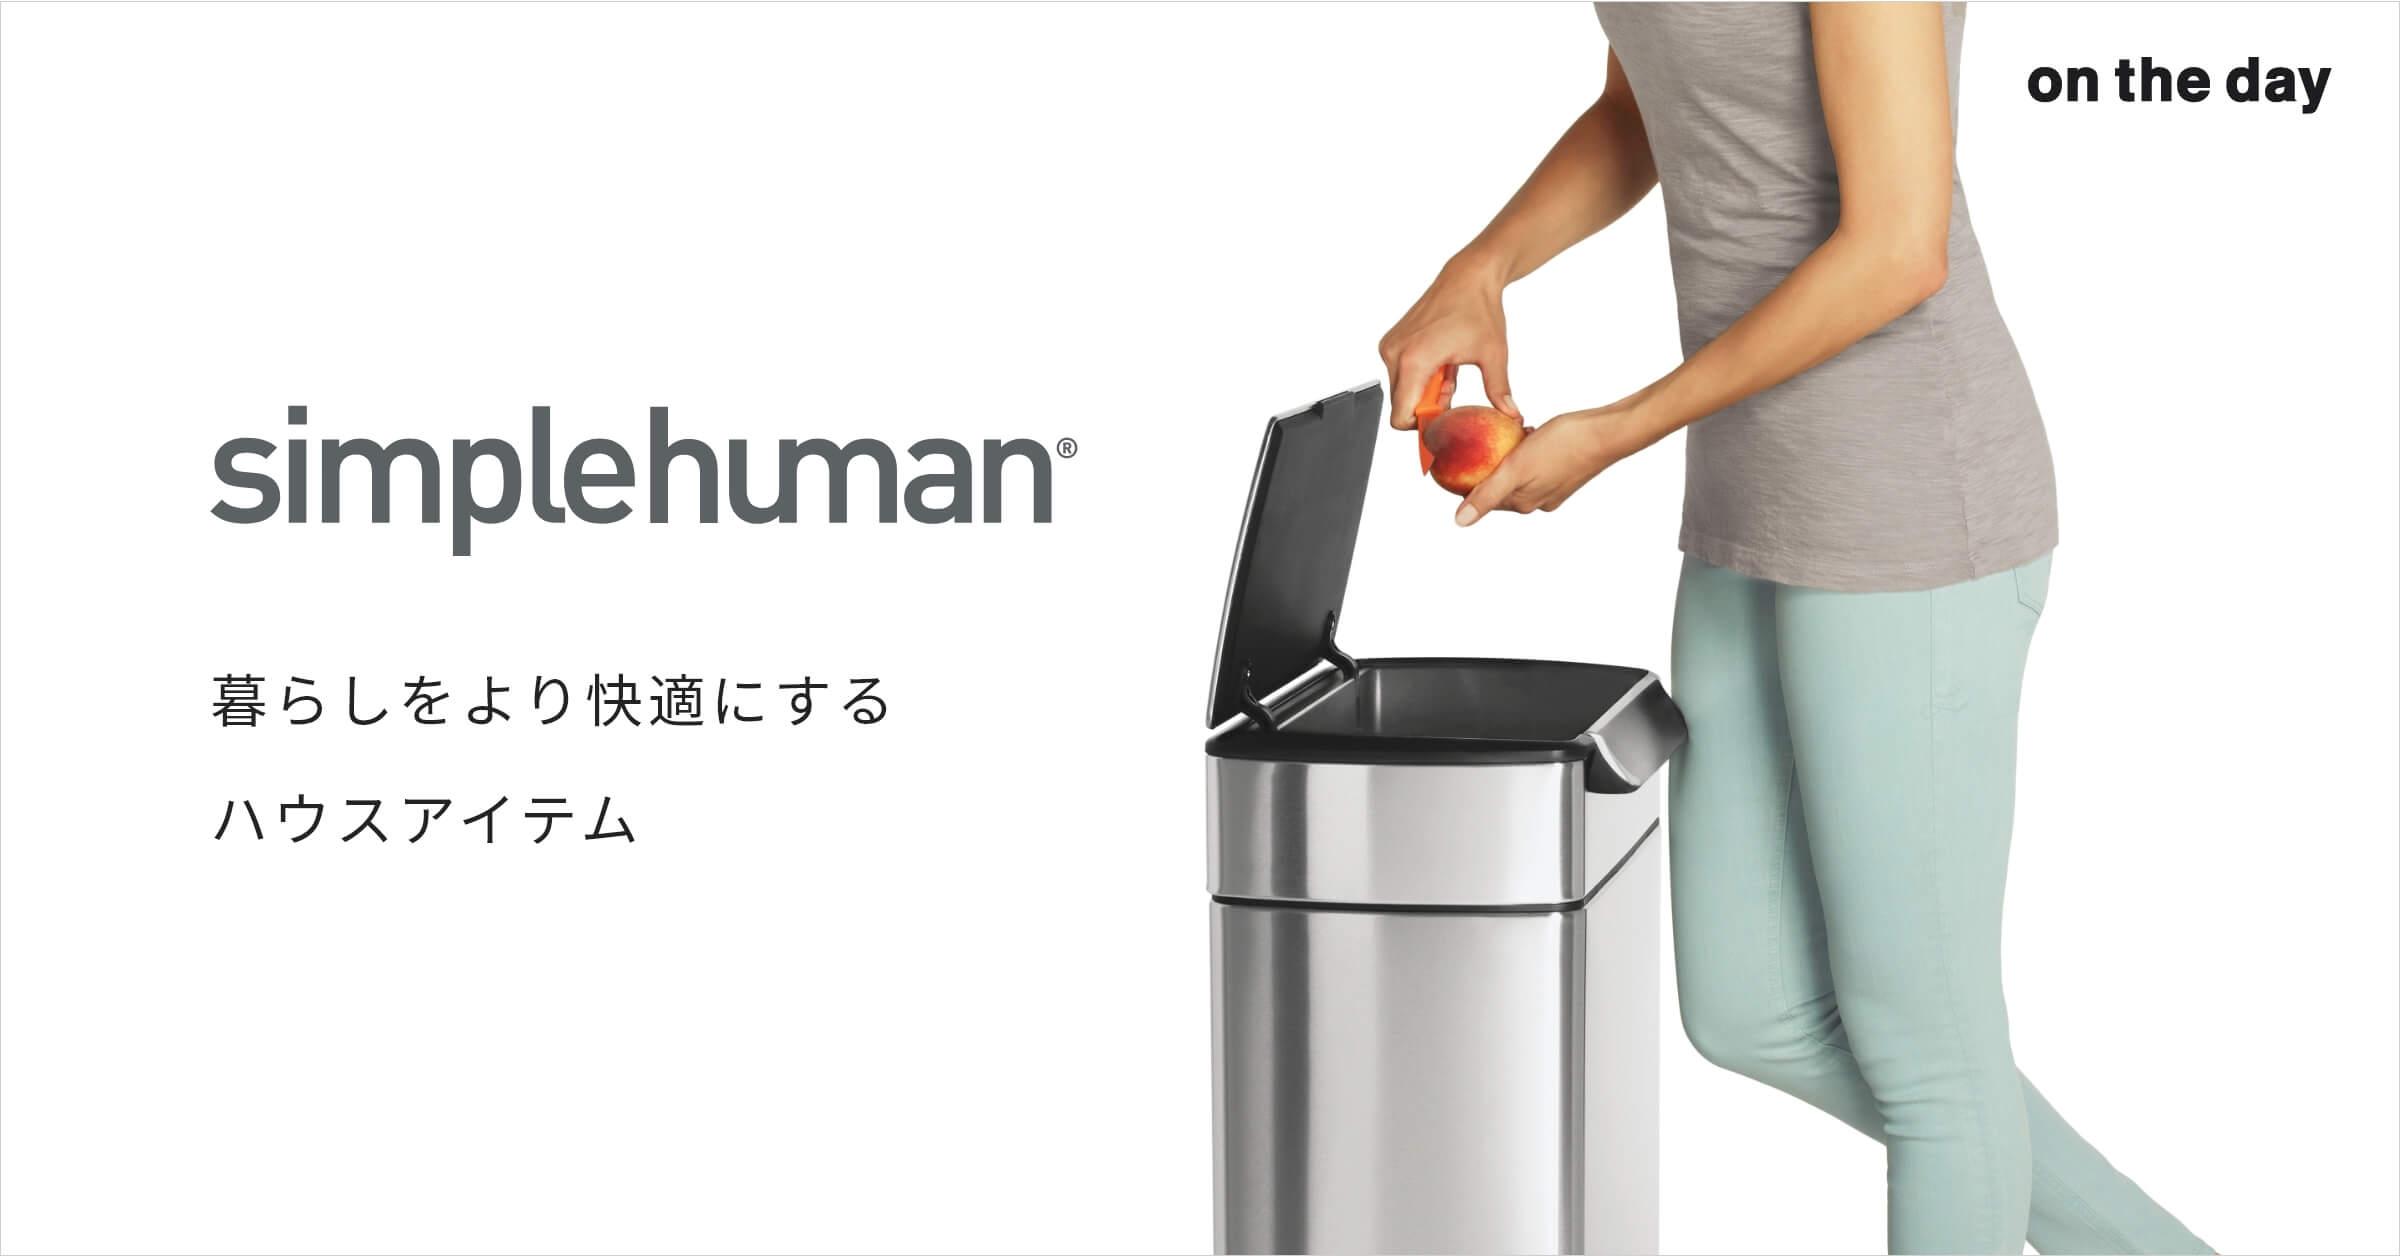 暮らしをより快適にするダストボックス【simplehuman/シンプルヒューマン】